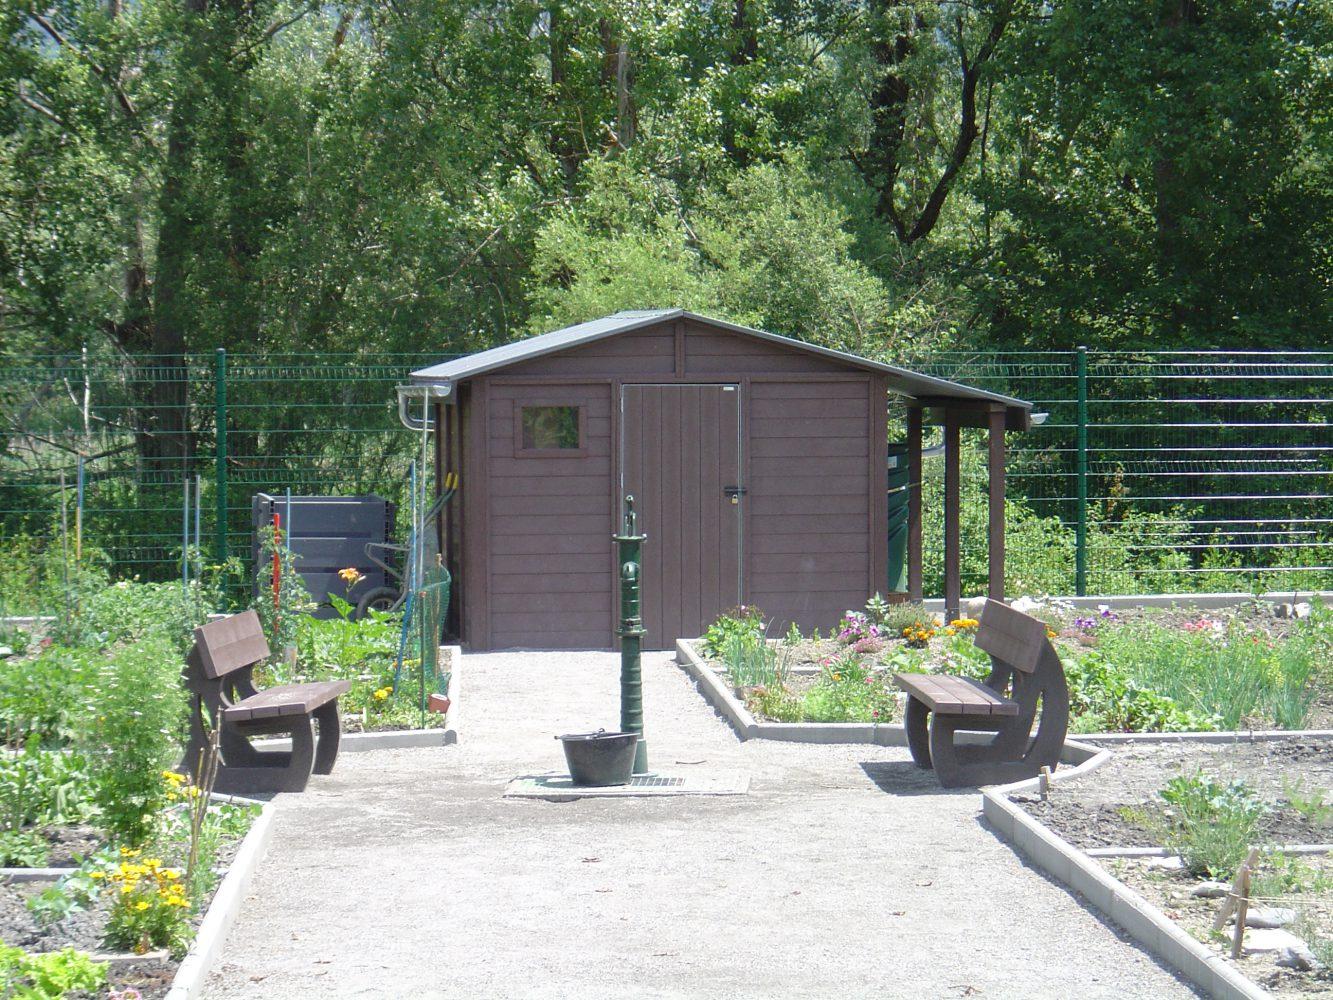 Spécialiste en abris de jardin à Genève, Vaud, Fribourg, Neuchatel ...